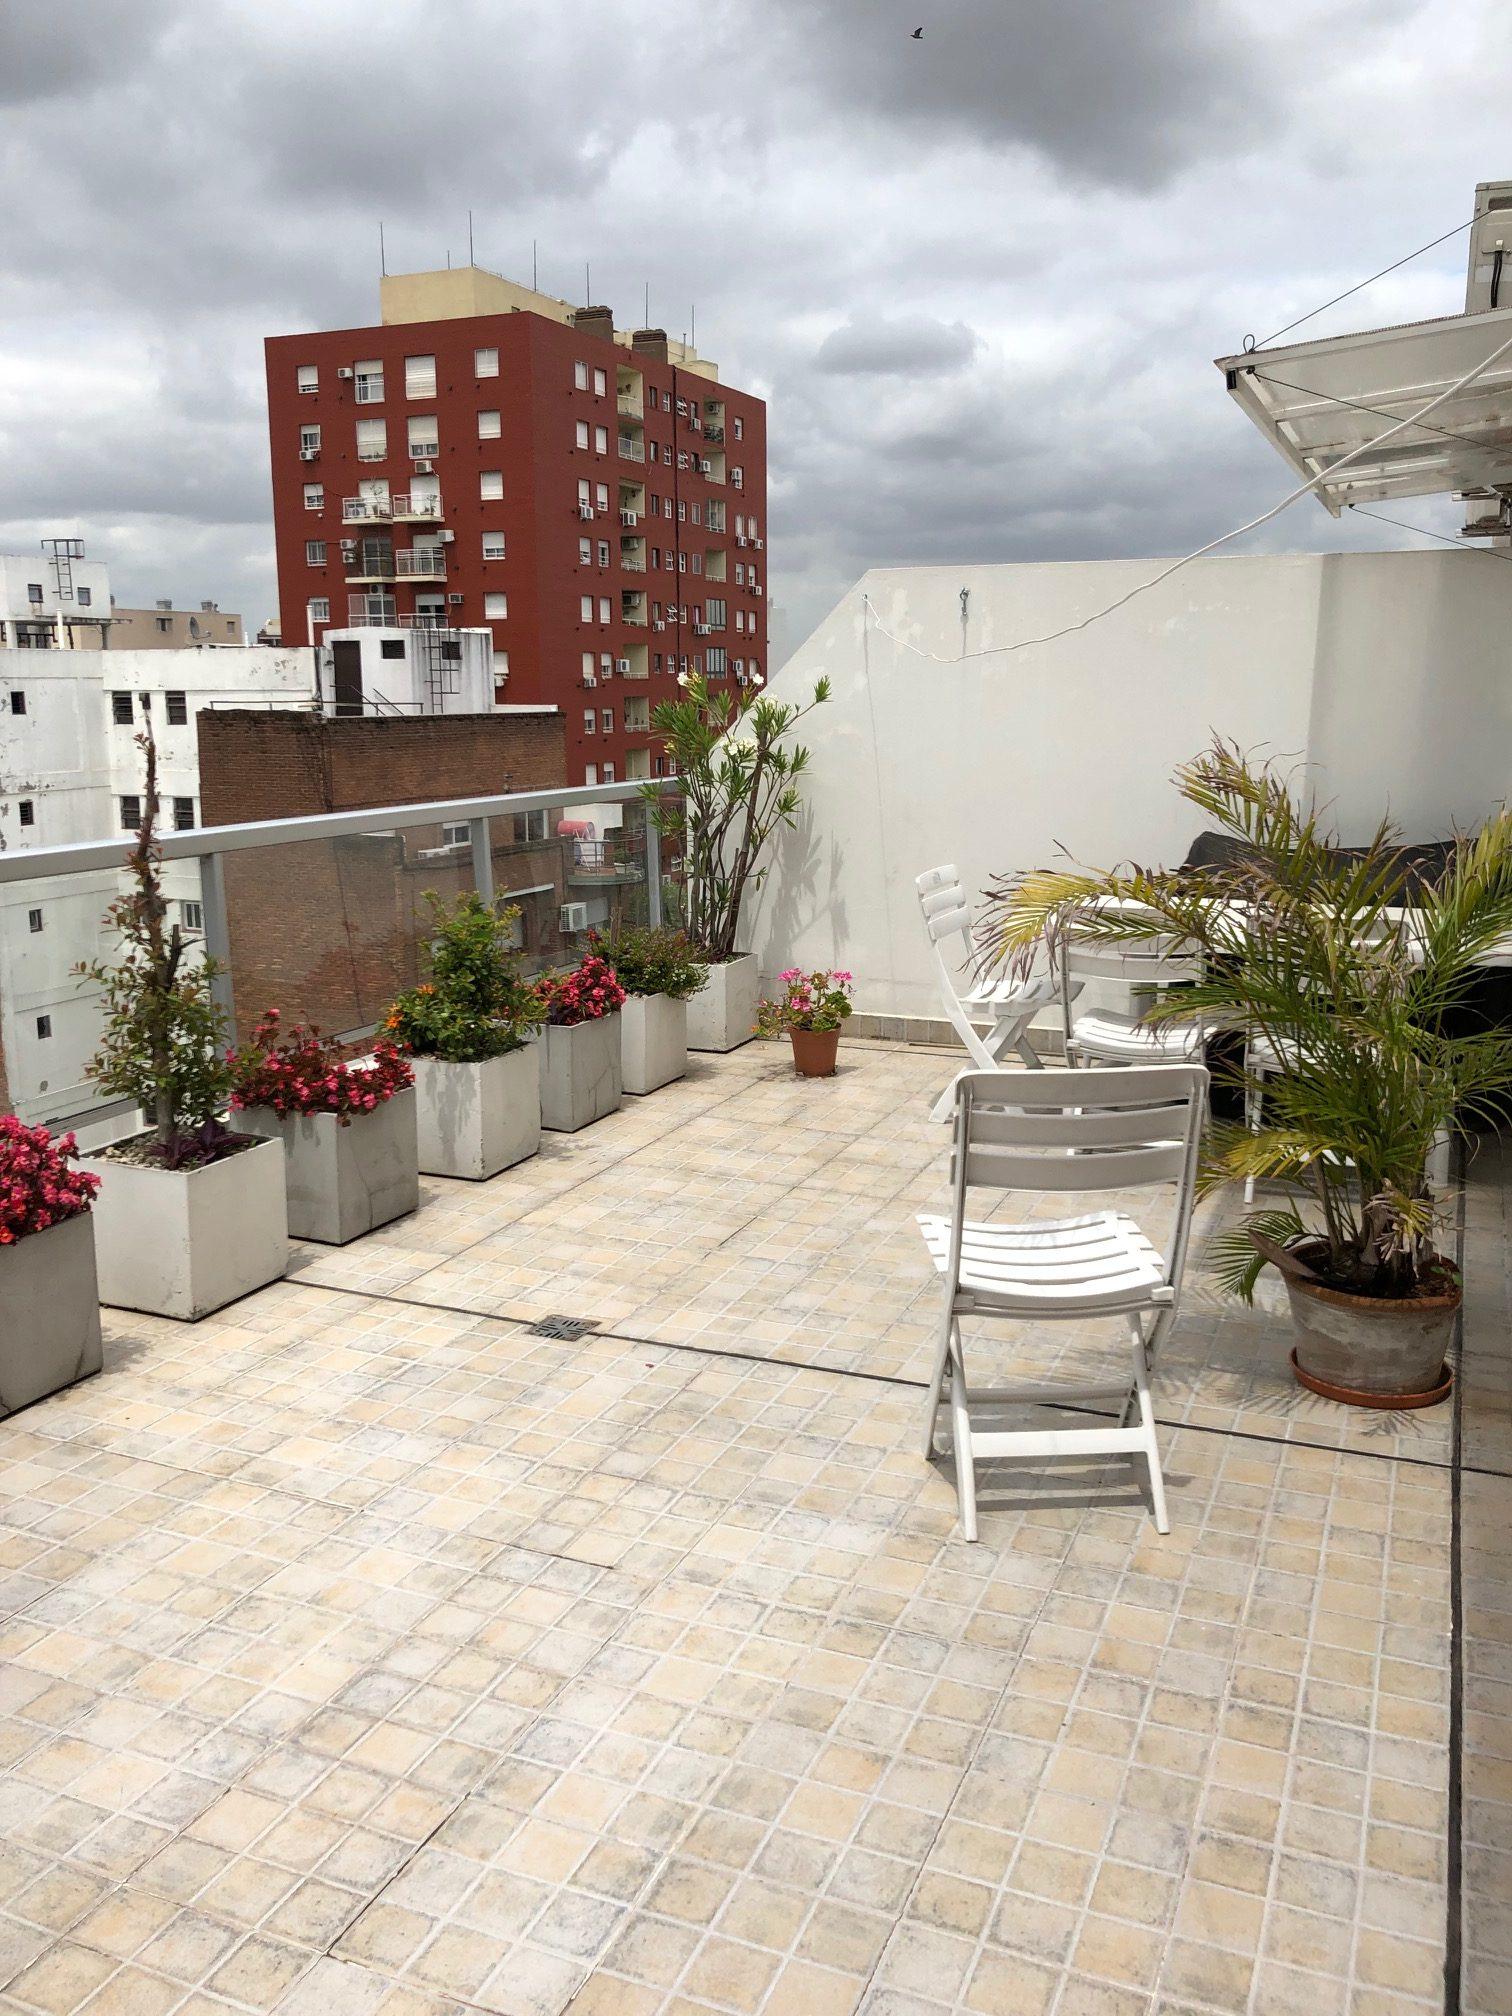 Piso 10° al frente con gran balcón terraza